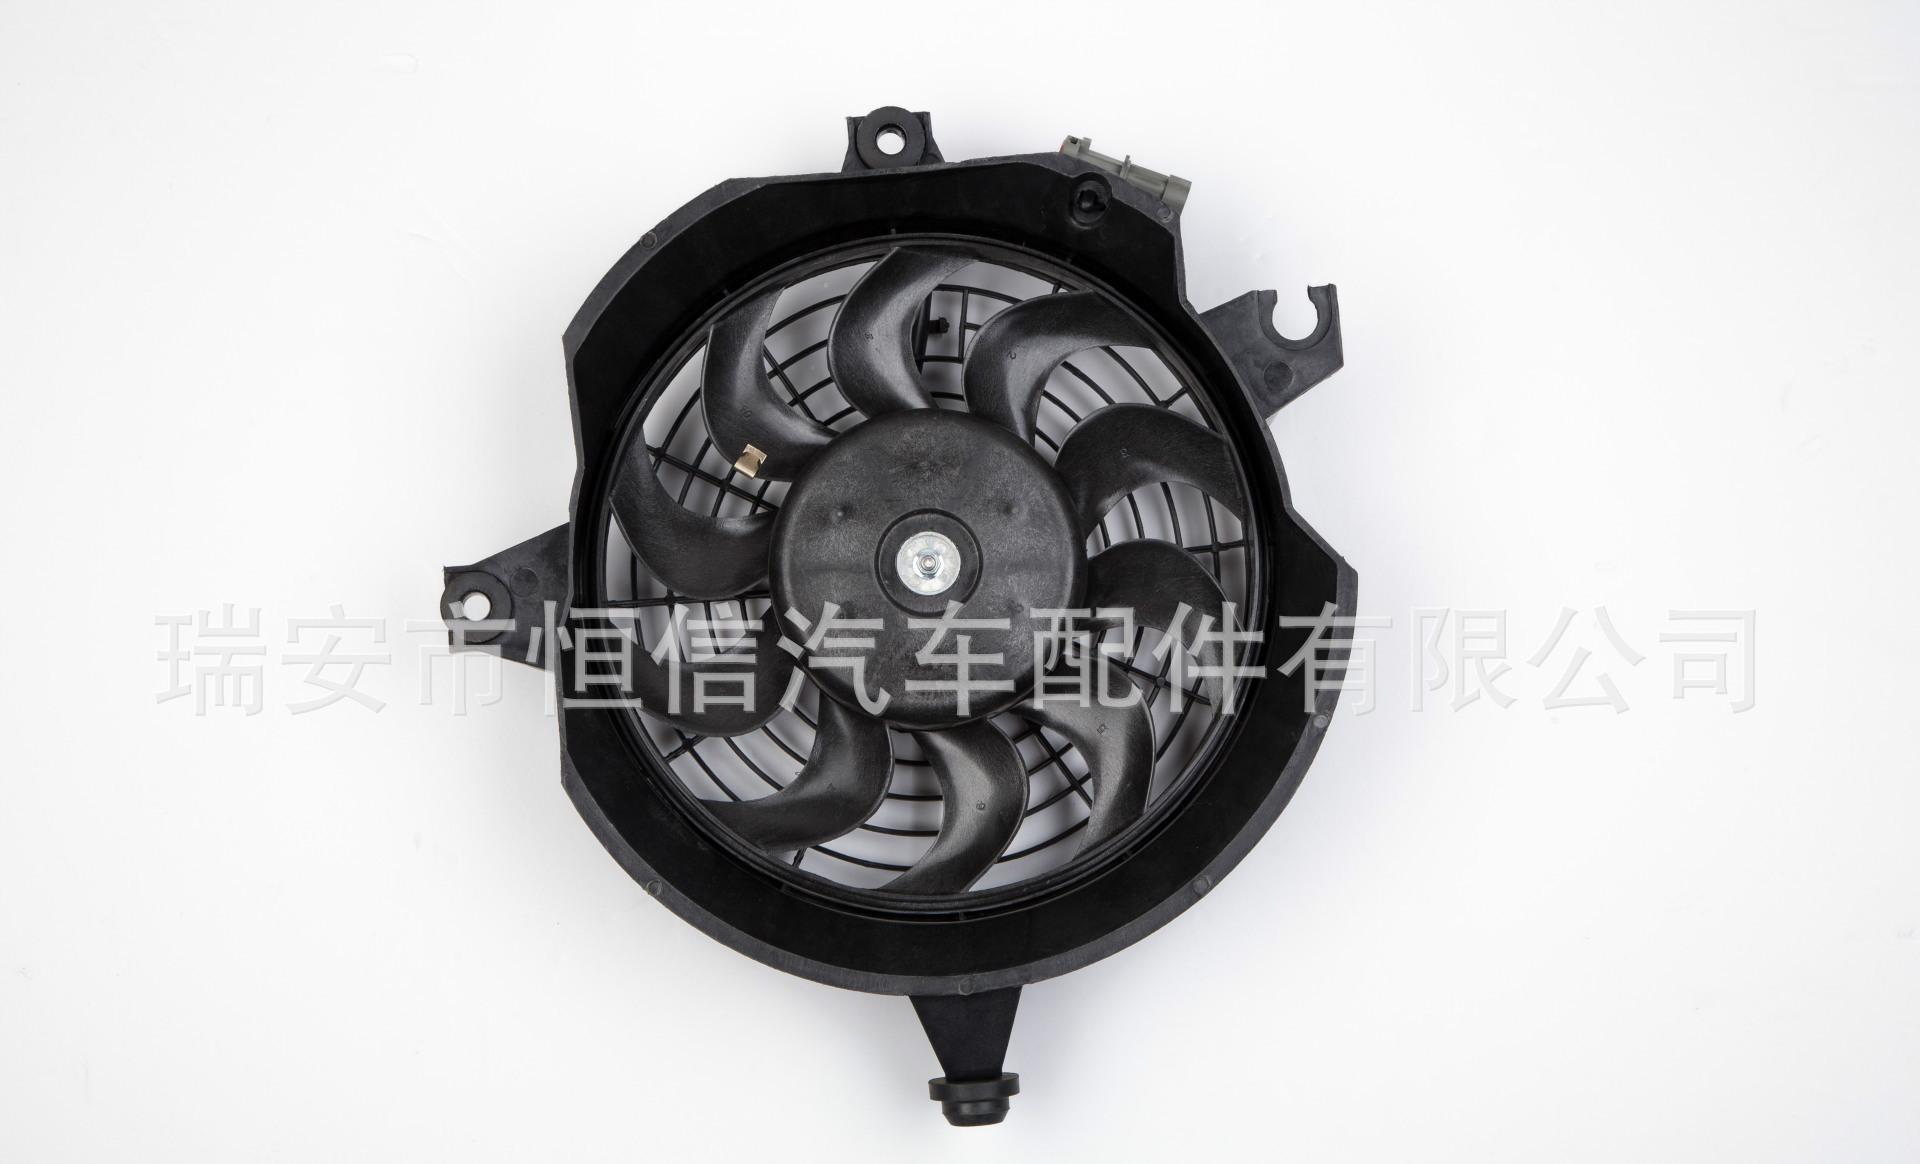 江淮同悦冷凝器电子扇汽车风扇电机散热器电子扇汽车水箱冷却风扇